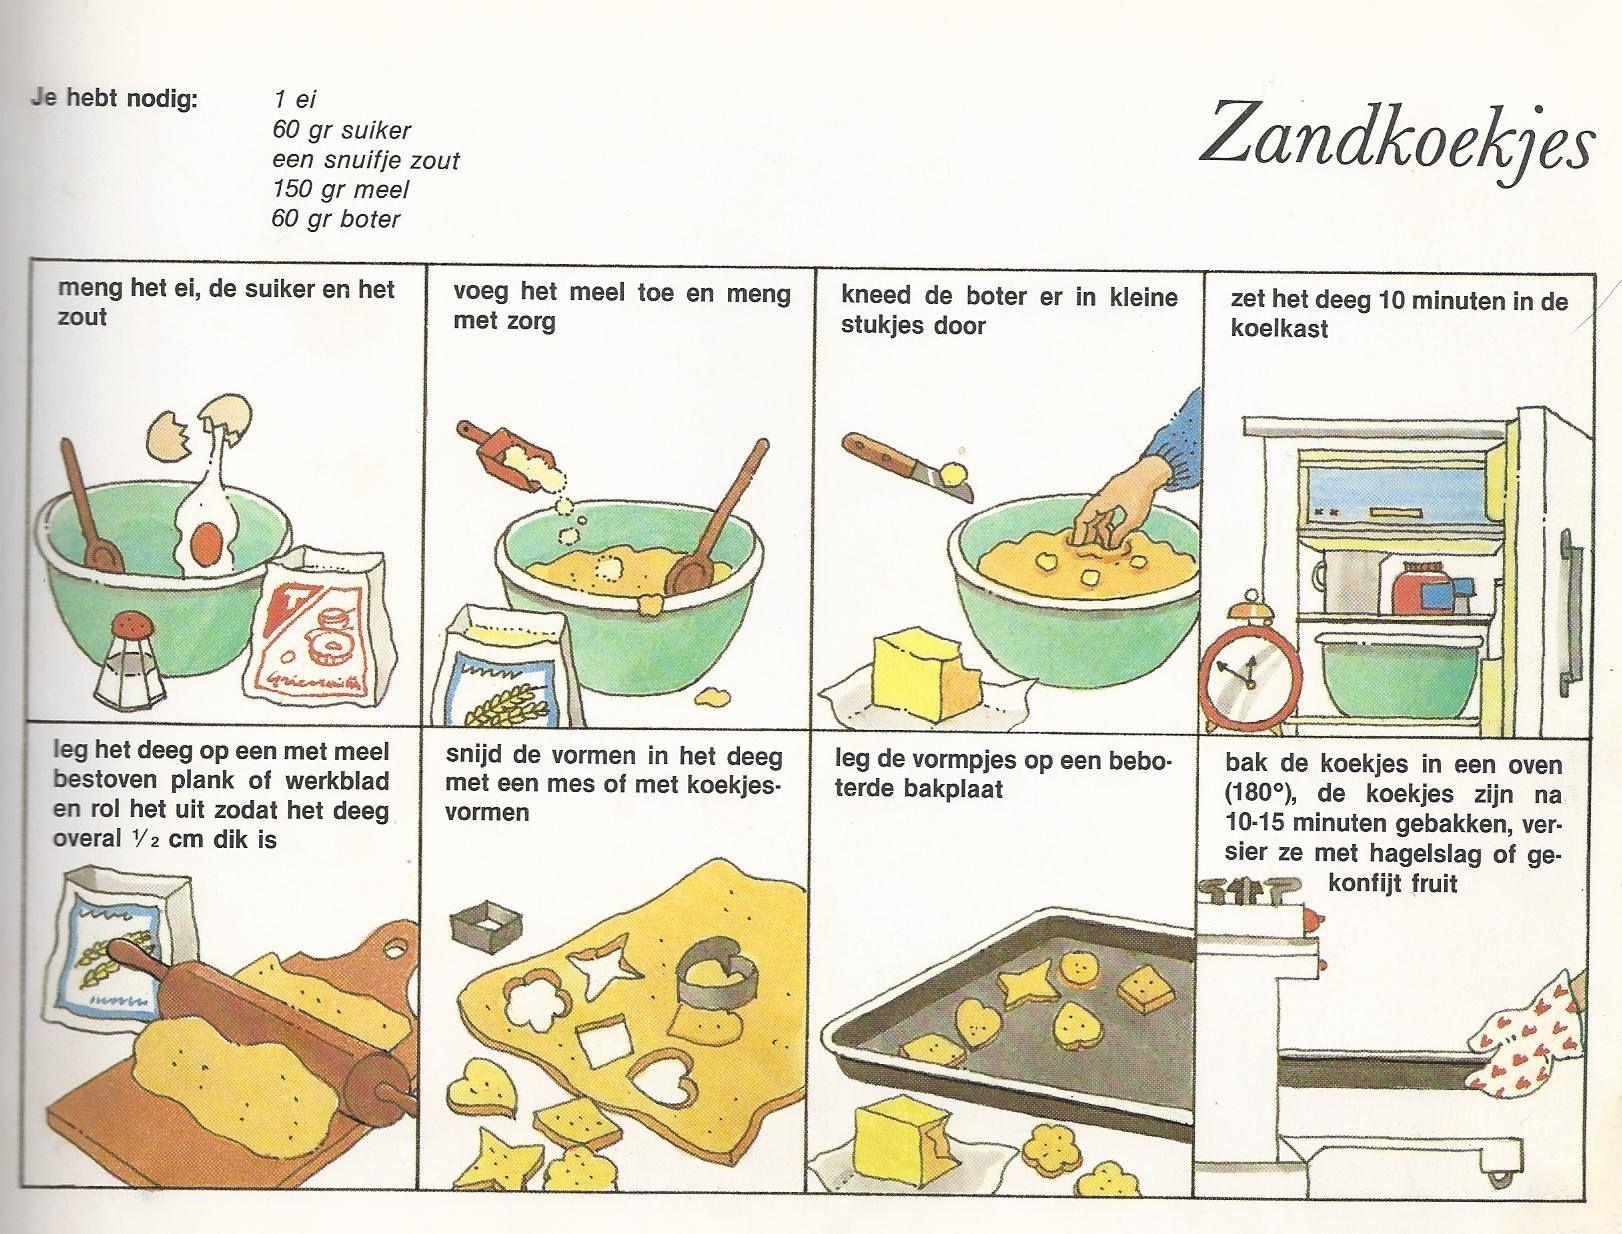 Betere zandkoekjes maken | Koken met kinderen, Zandkoekjes, Koken voor VE-16